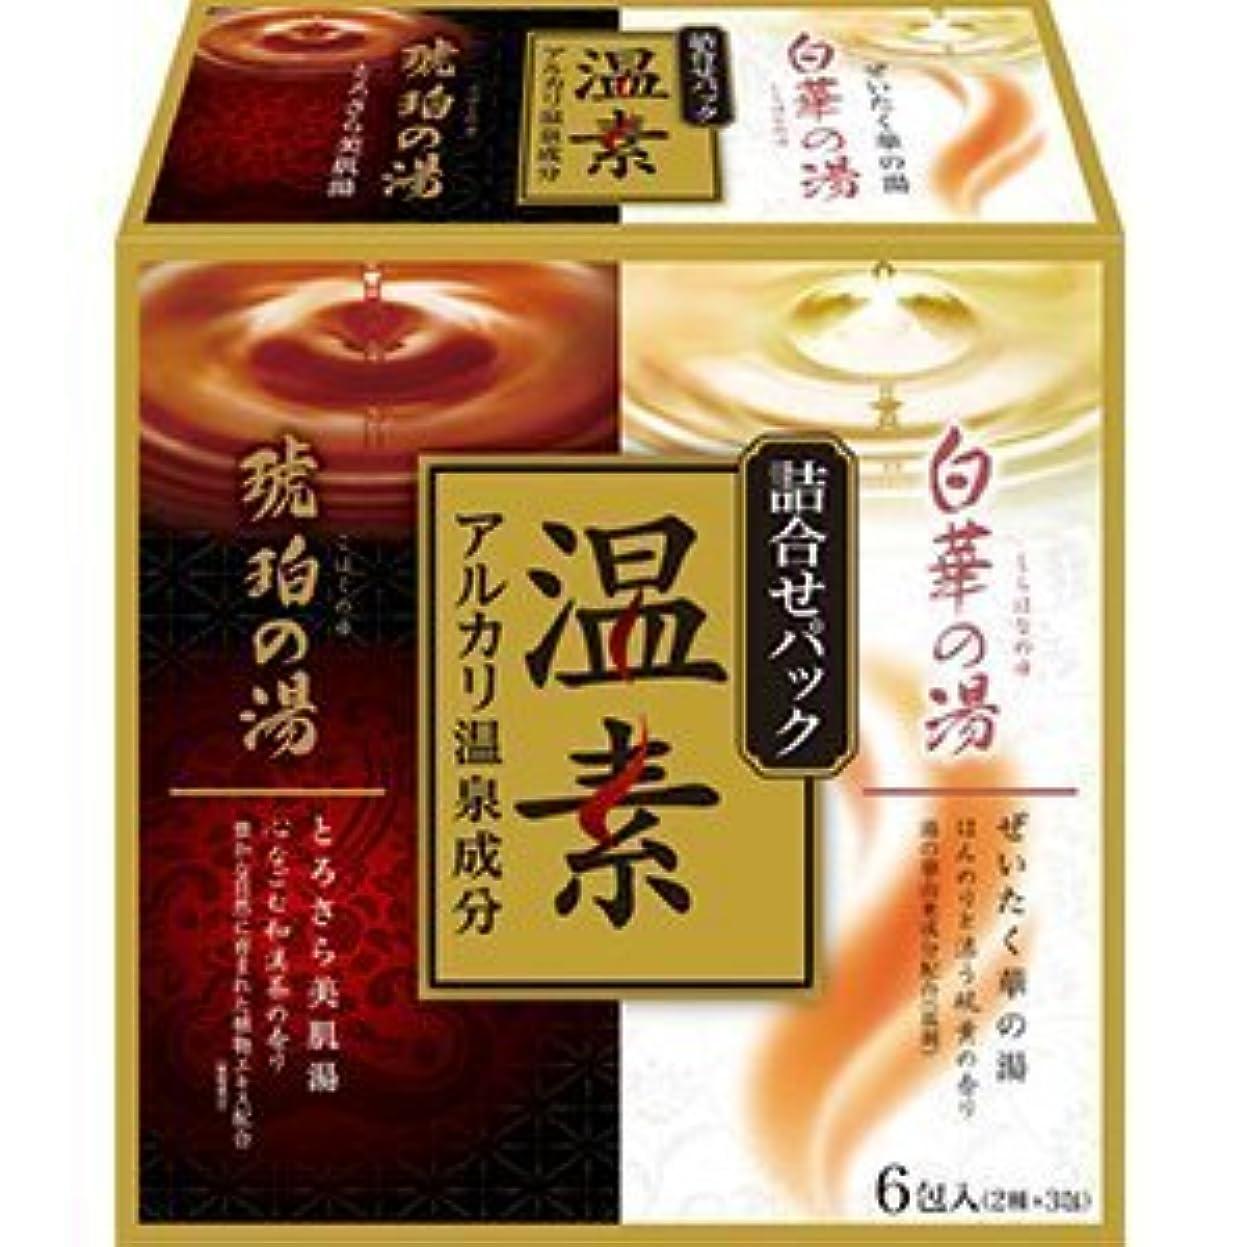 群集うれしい石鹸温素 琥珀の湯&白華の湯 詰合せパック × 5個セット